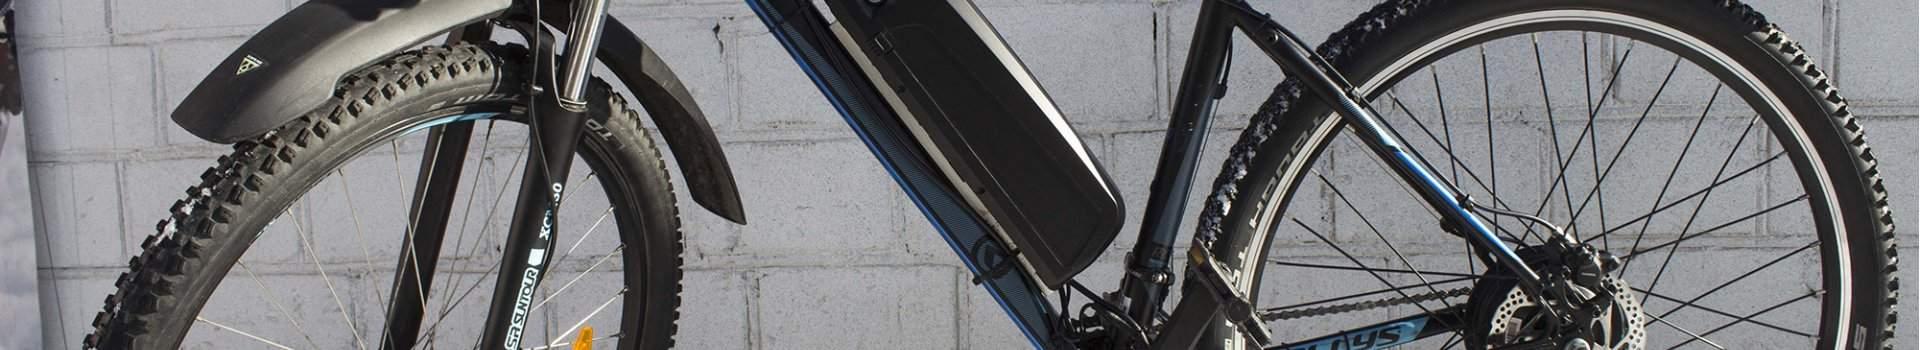 Z życia serwisanta 2: Konserwacja silnika w piaście i wymiana uszkodzonego przewodu